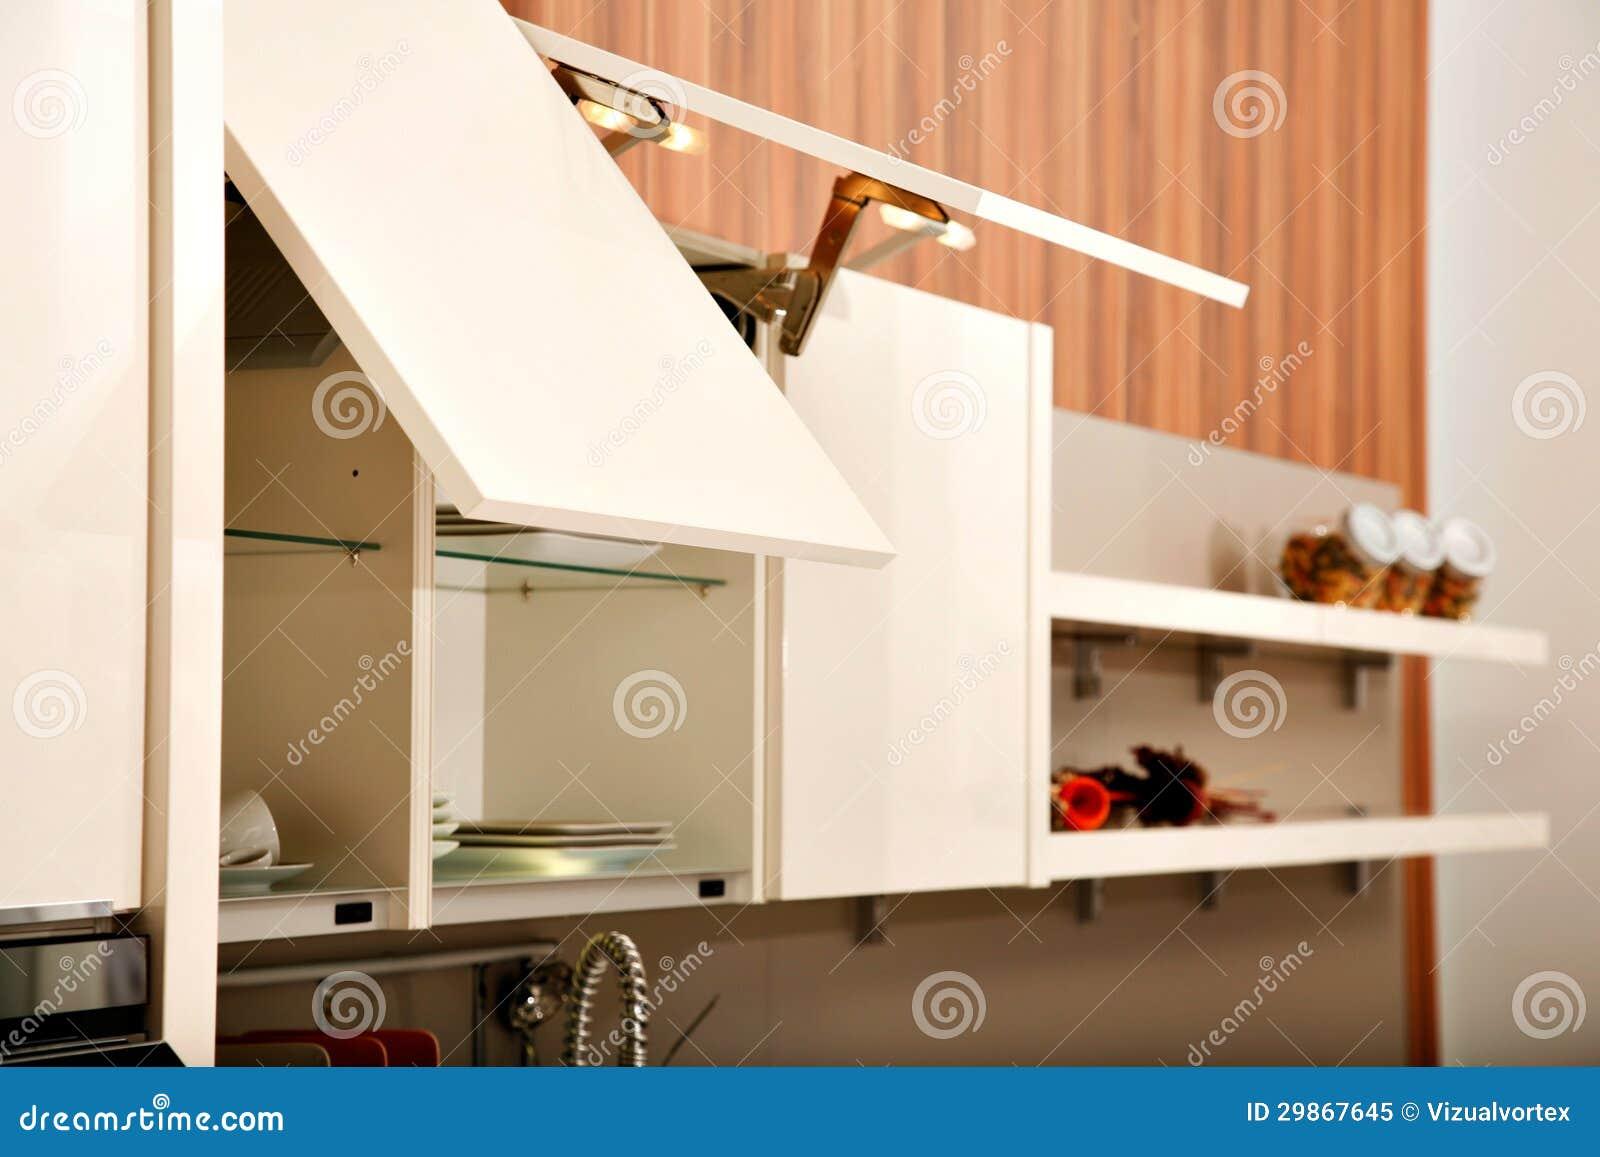 #C52206 Armários de cozinha bonitos em uma cozinha moderna. 1300x957 px Planos De Armários De Cozinha_993 Imagens